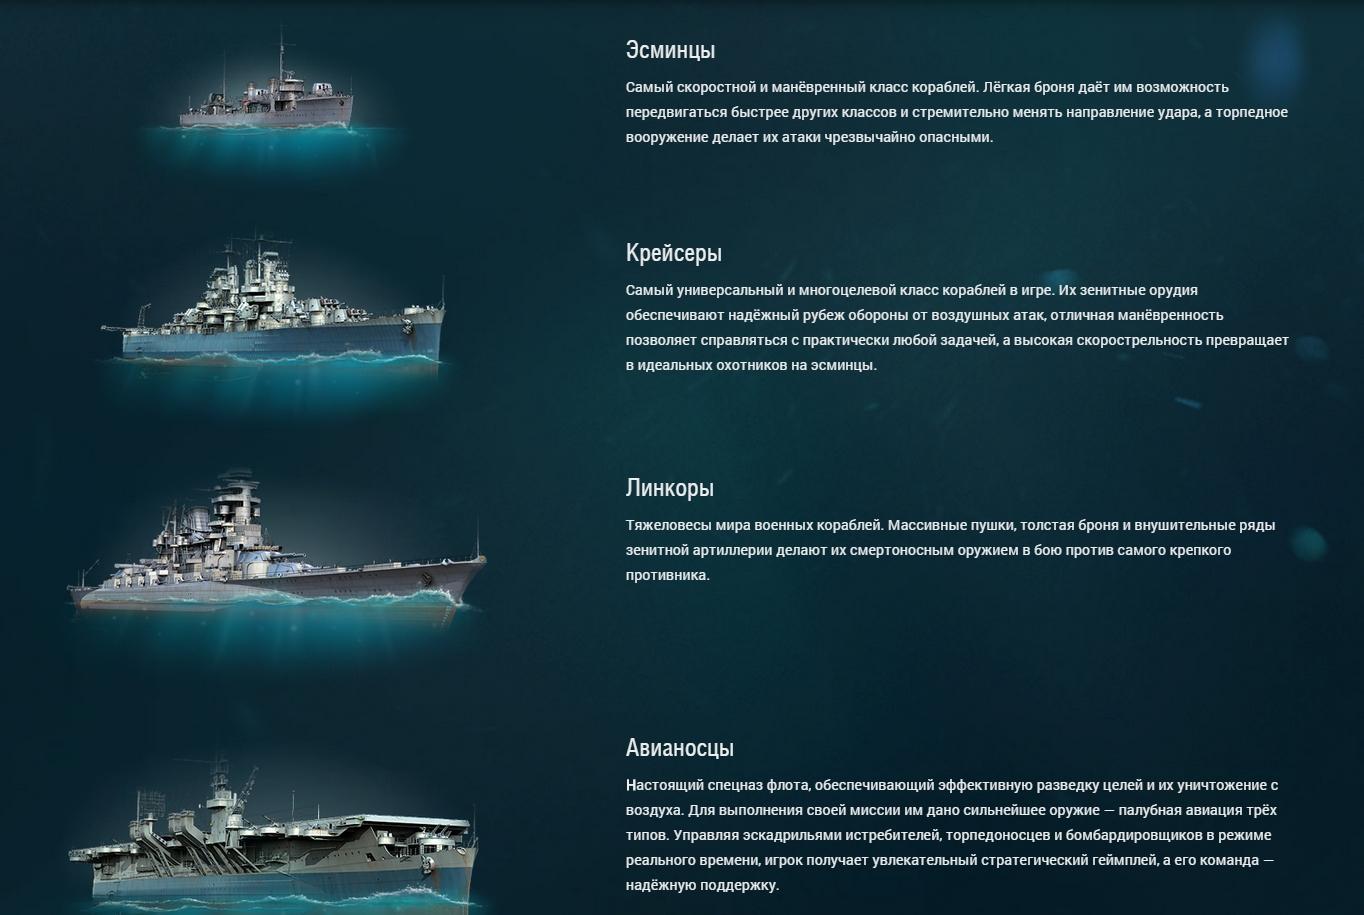 вариантов стрижки классификация боевых кораблей с картинками выкладывает